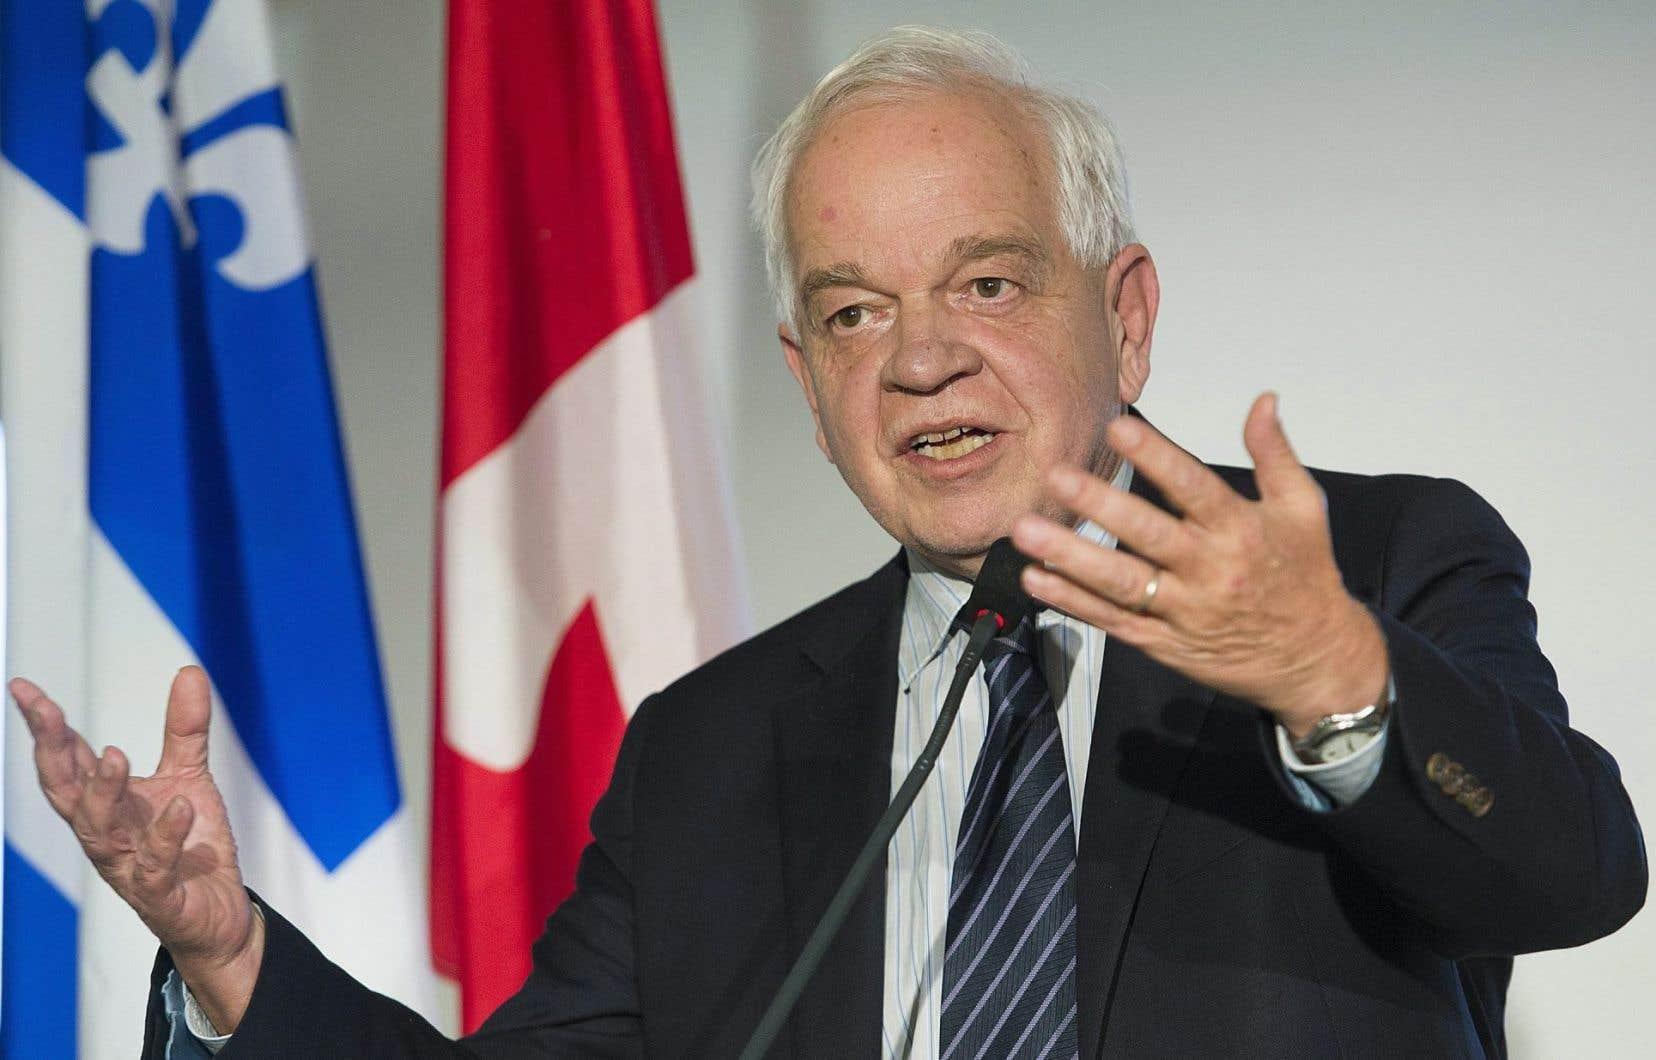 Le ministre de l'Immigration, des Réfugiés et de la Citoyenneté, John McCallum